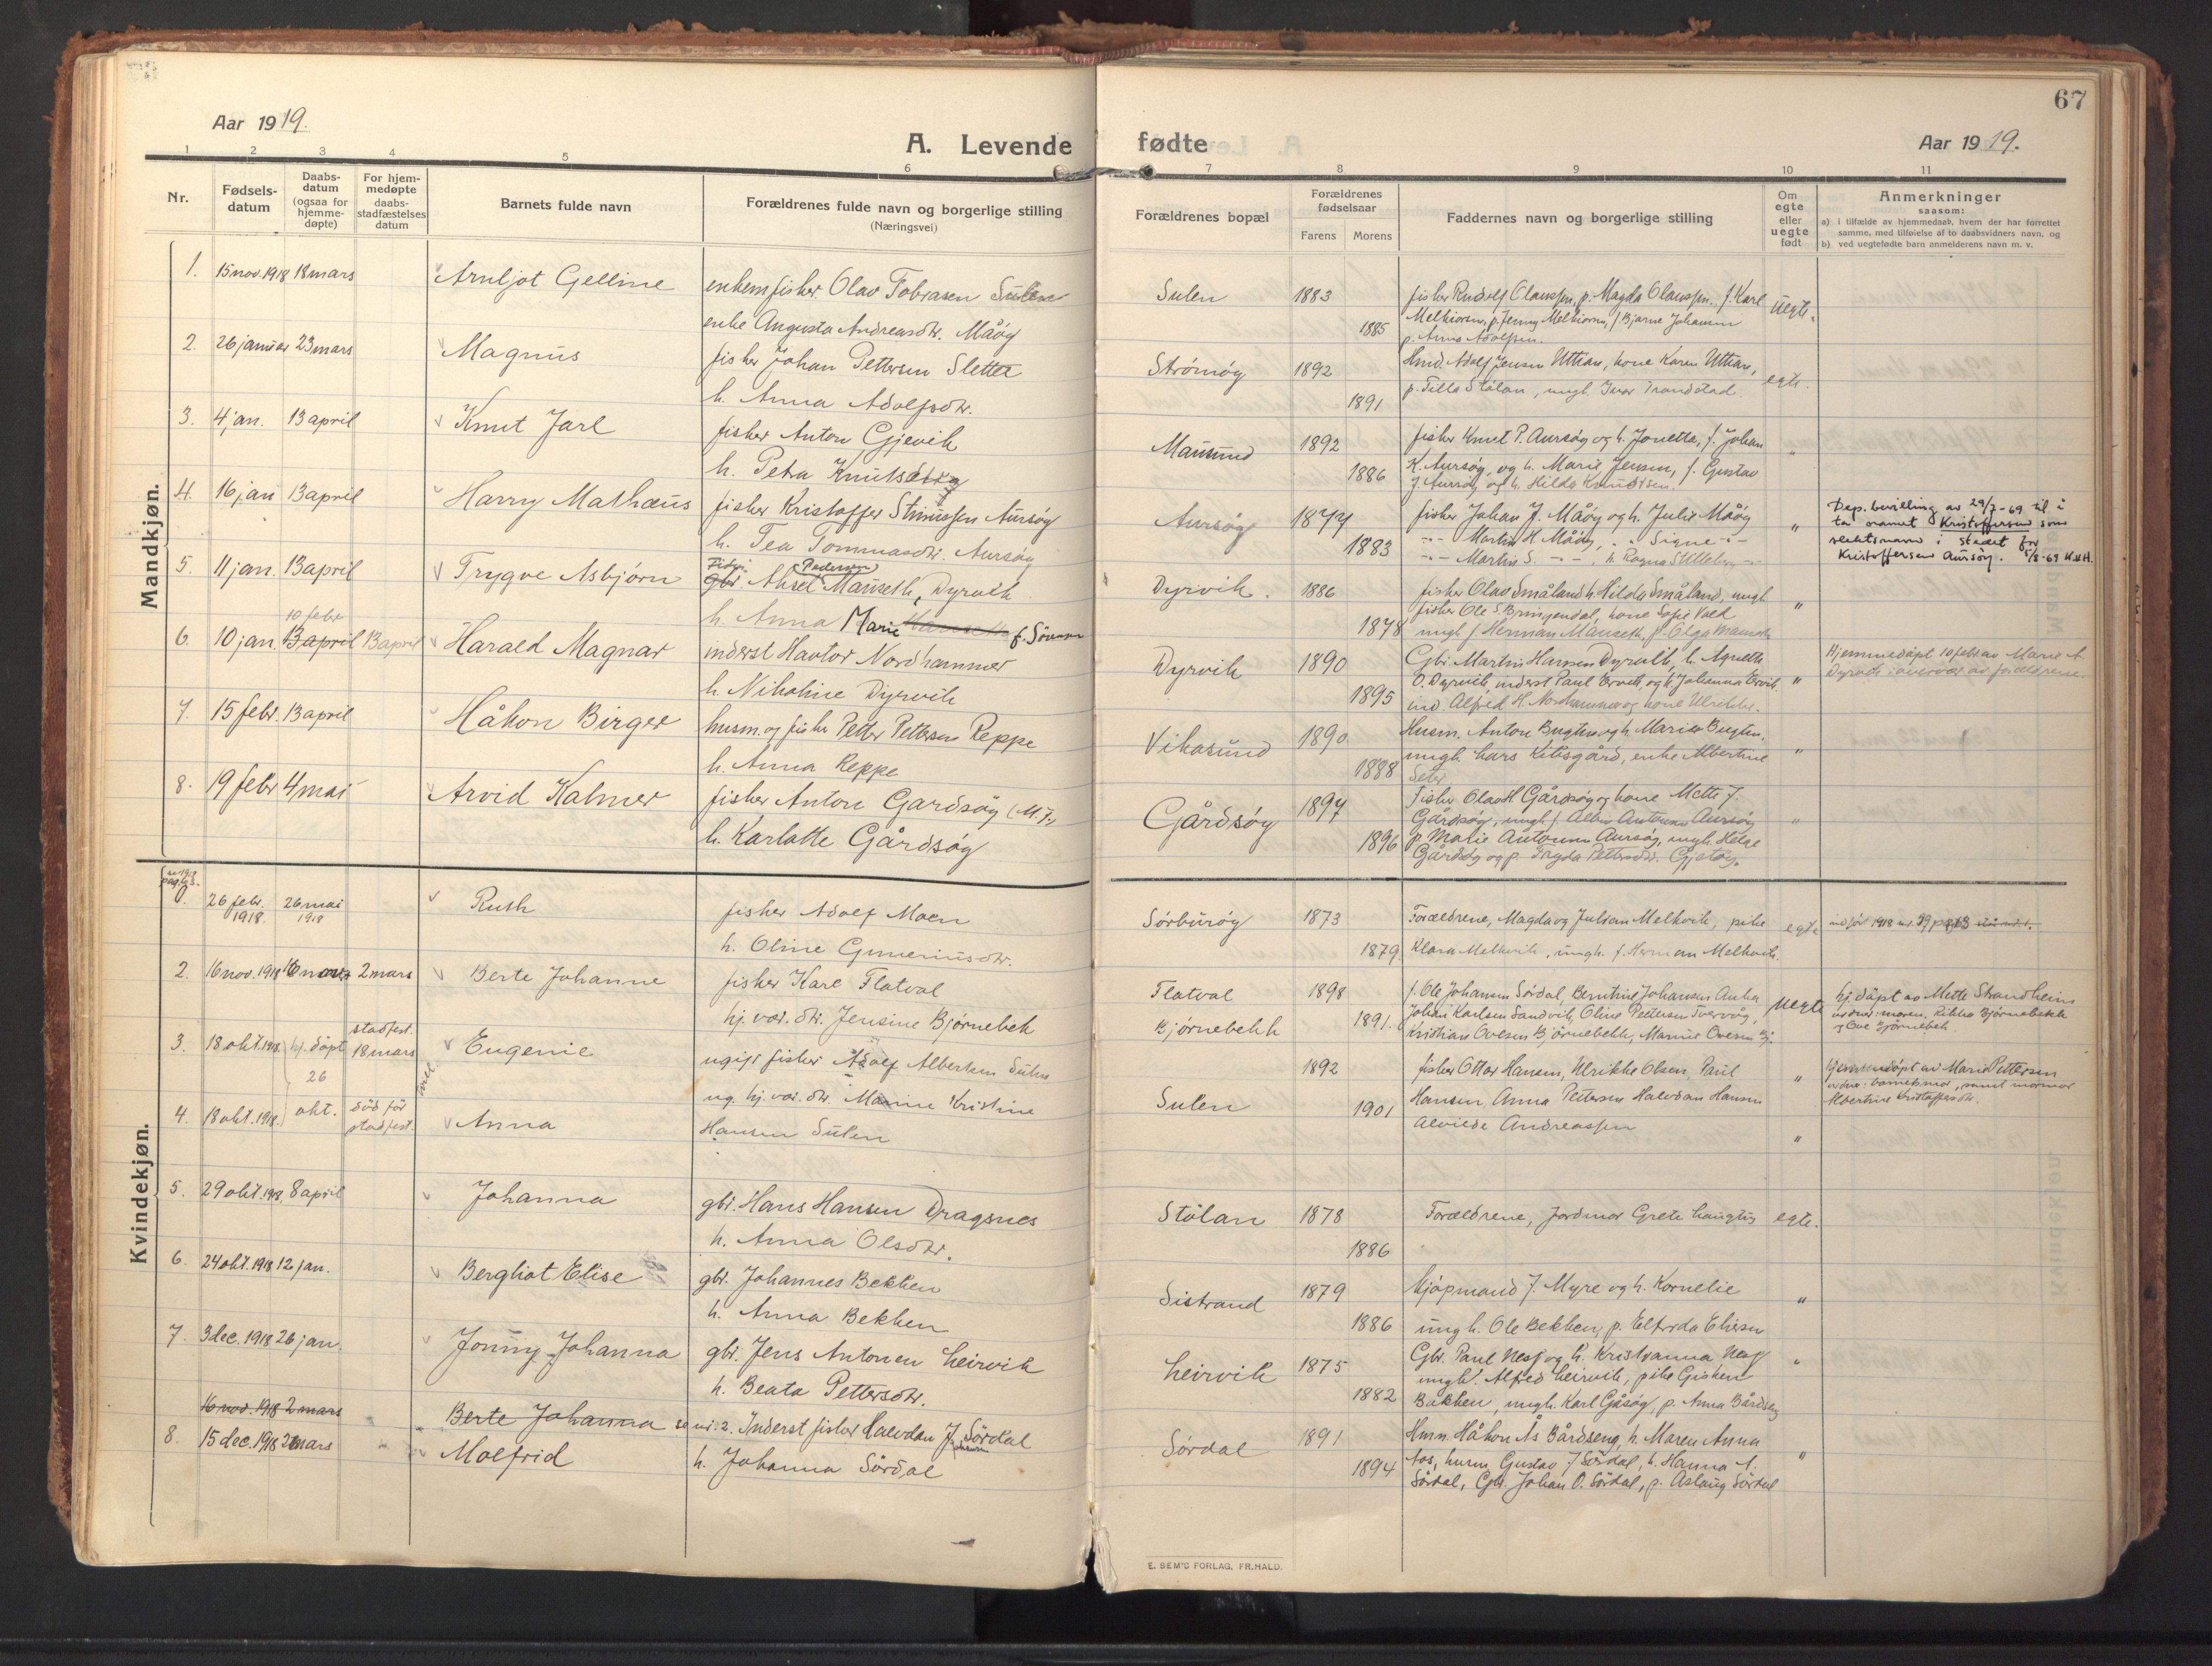 SAT, Ministerialprotokoller, klokkerbøker og fødselsregistre - Sør-Trøndelag, 640/L0581: Ministerialbok nr. 640A06, 1910-1924, s. 67